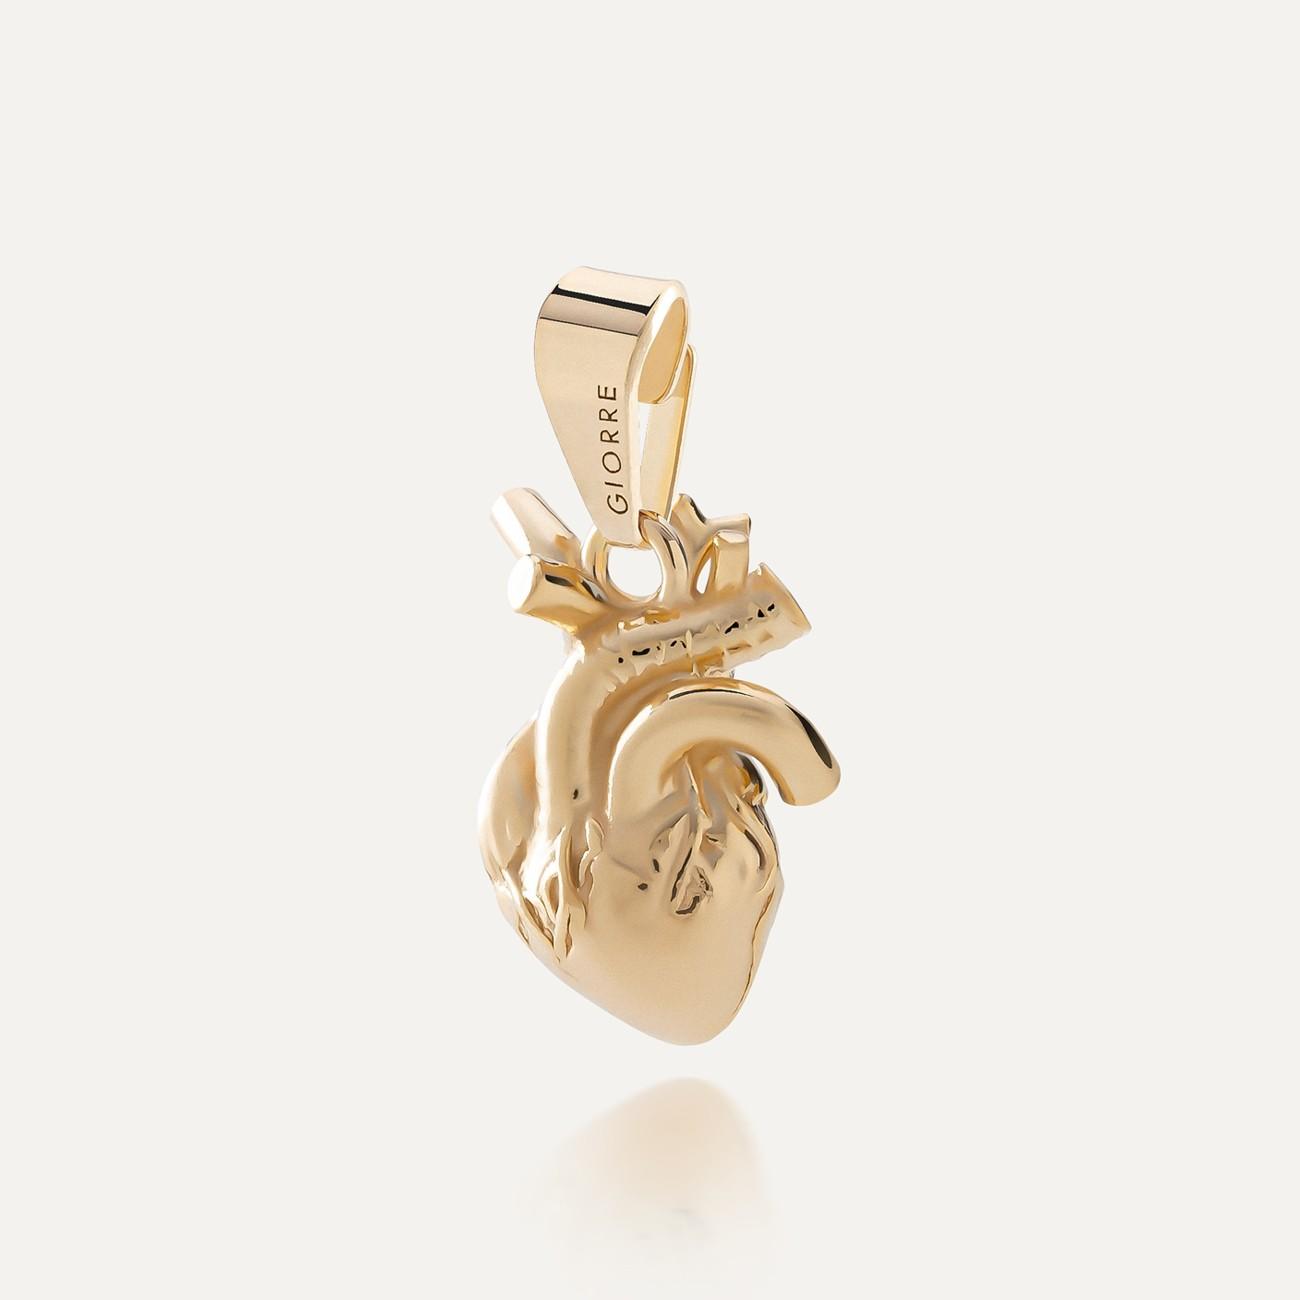 Srebrny charms beads zawieszka serce anatomiczne, srebro 925